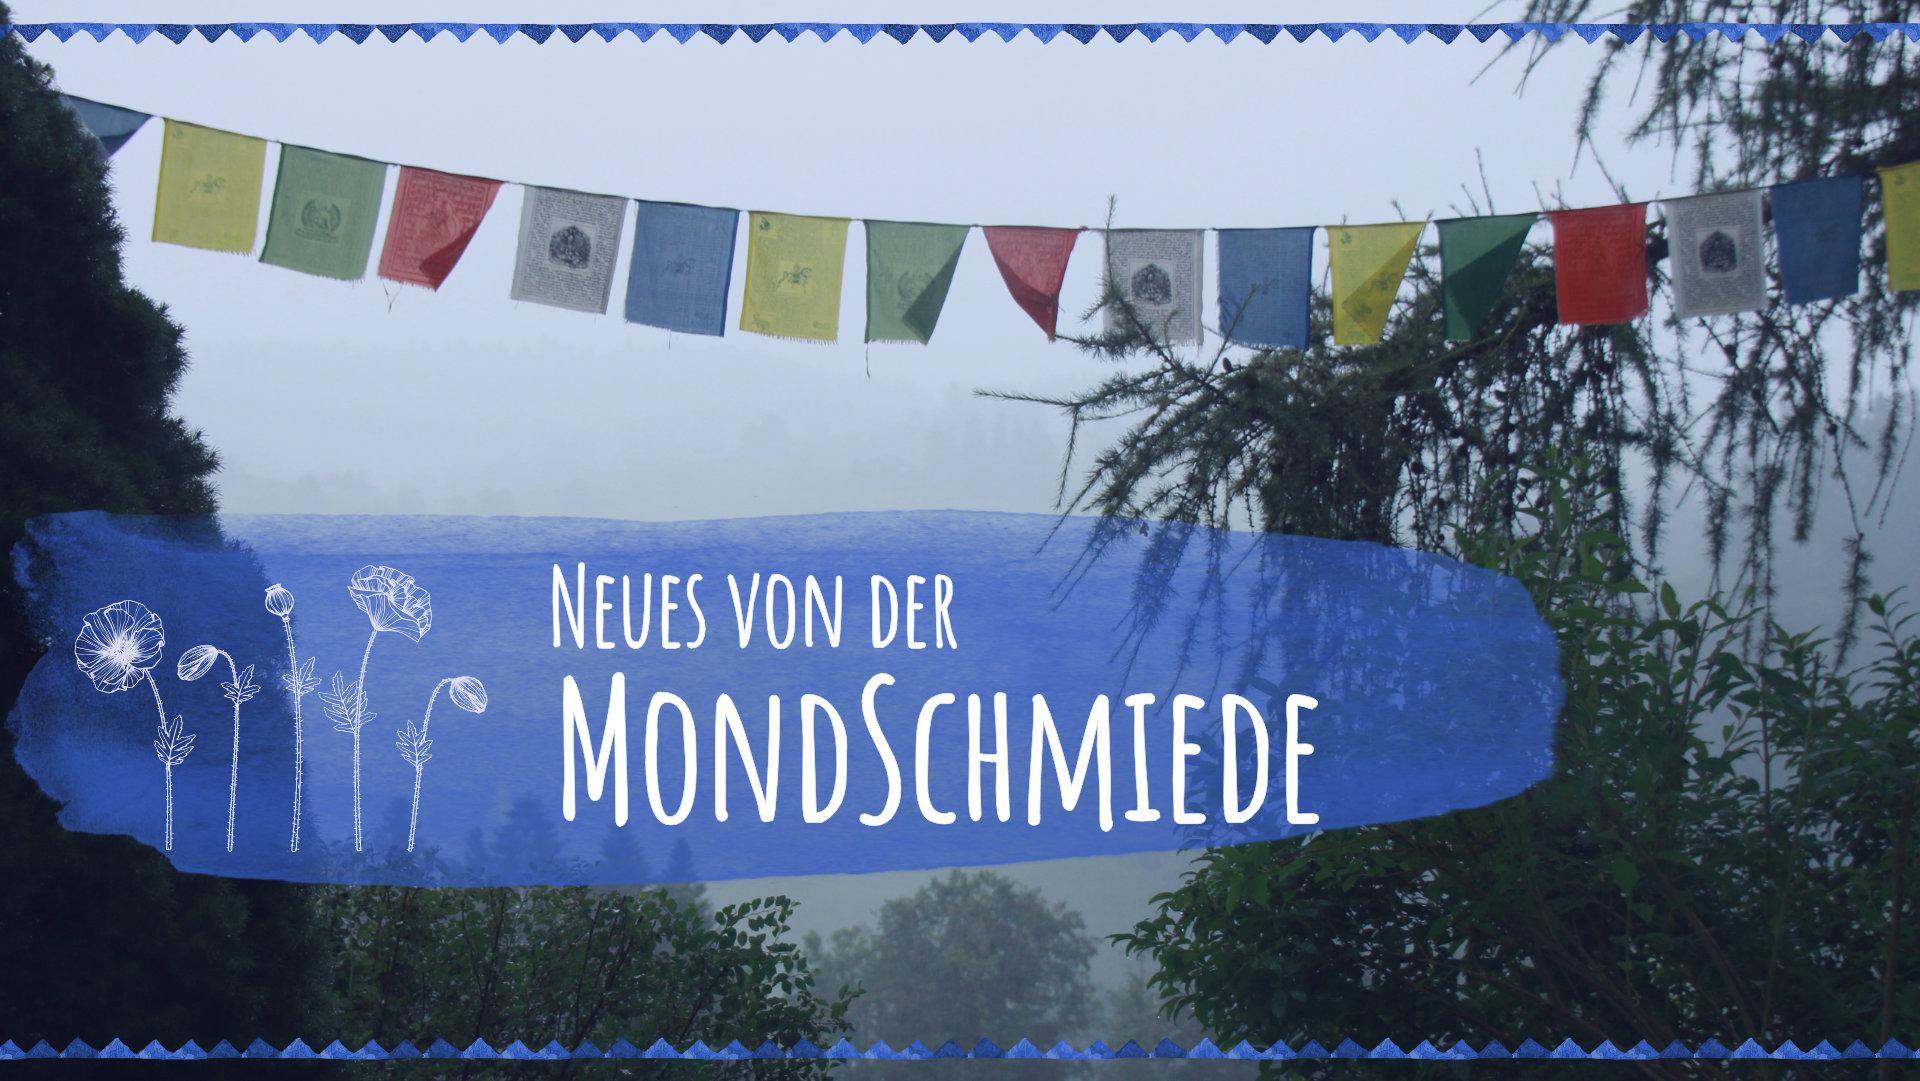 Mondschmiede_news